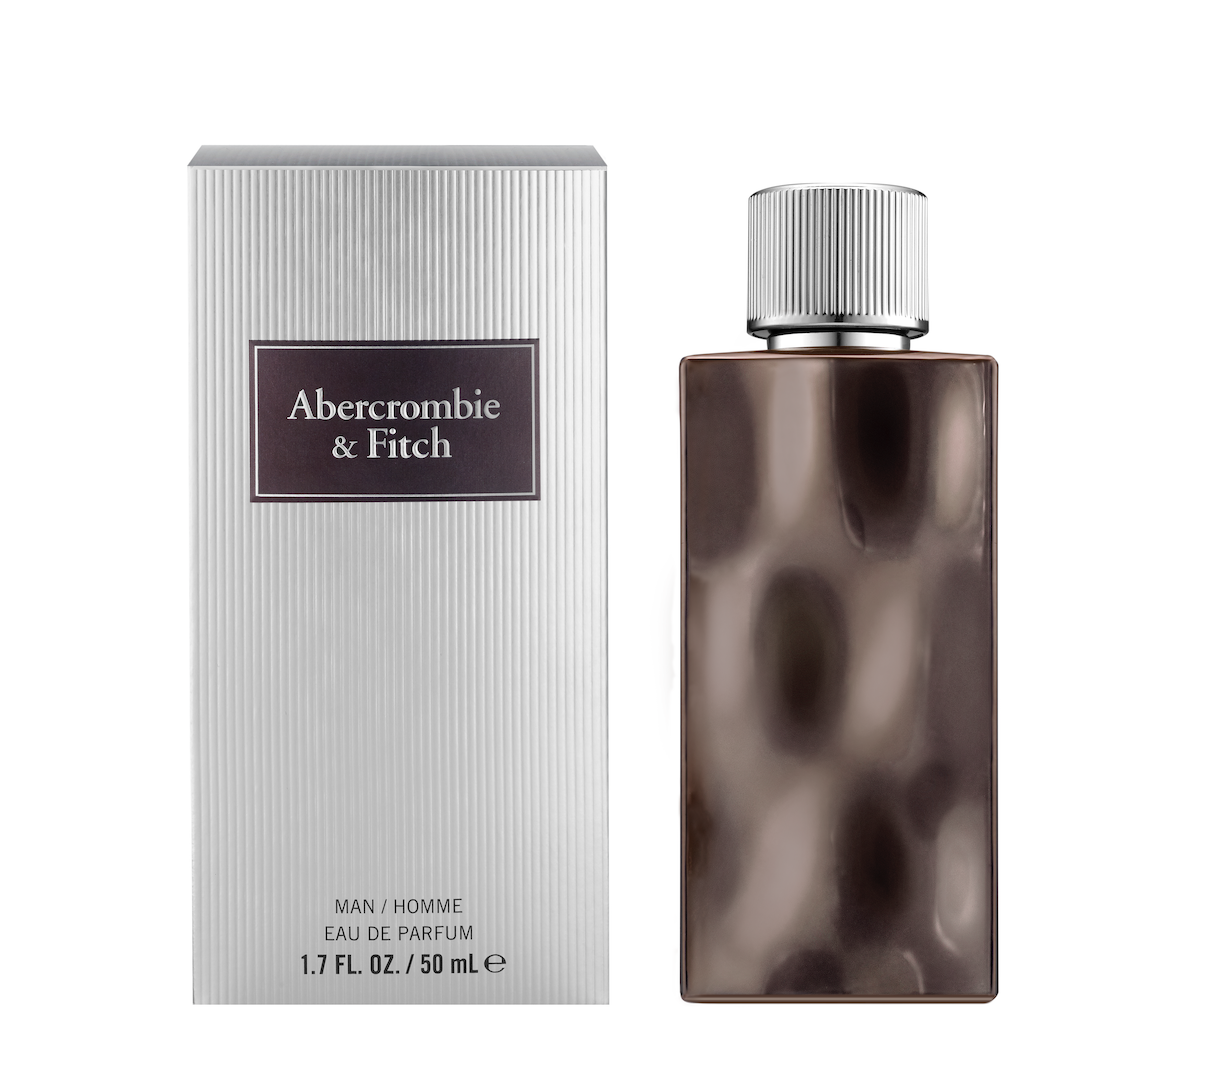 Nowość! Abercrombie & Fitch – First Instinct Extreme Eau de Parfum.